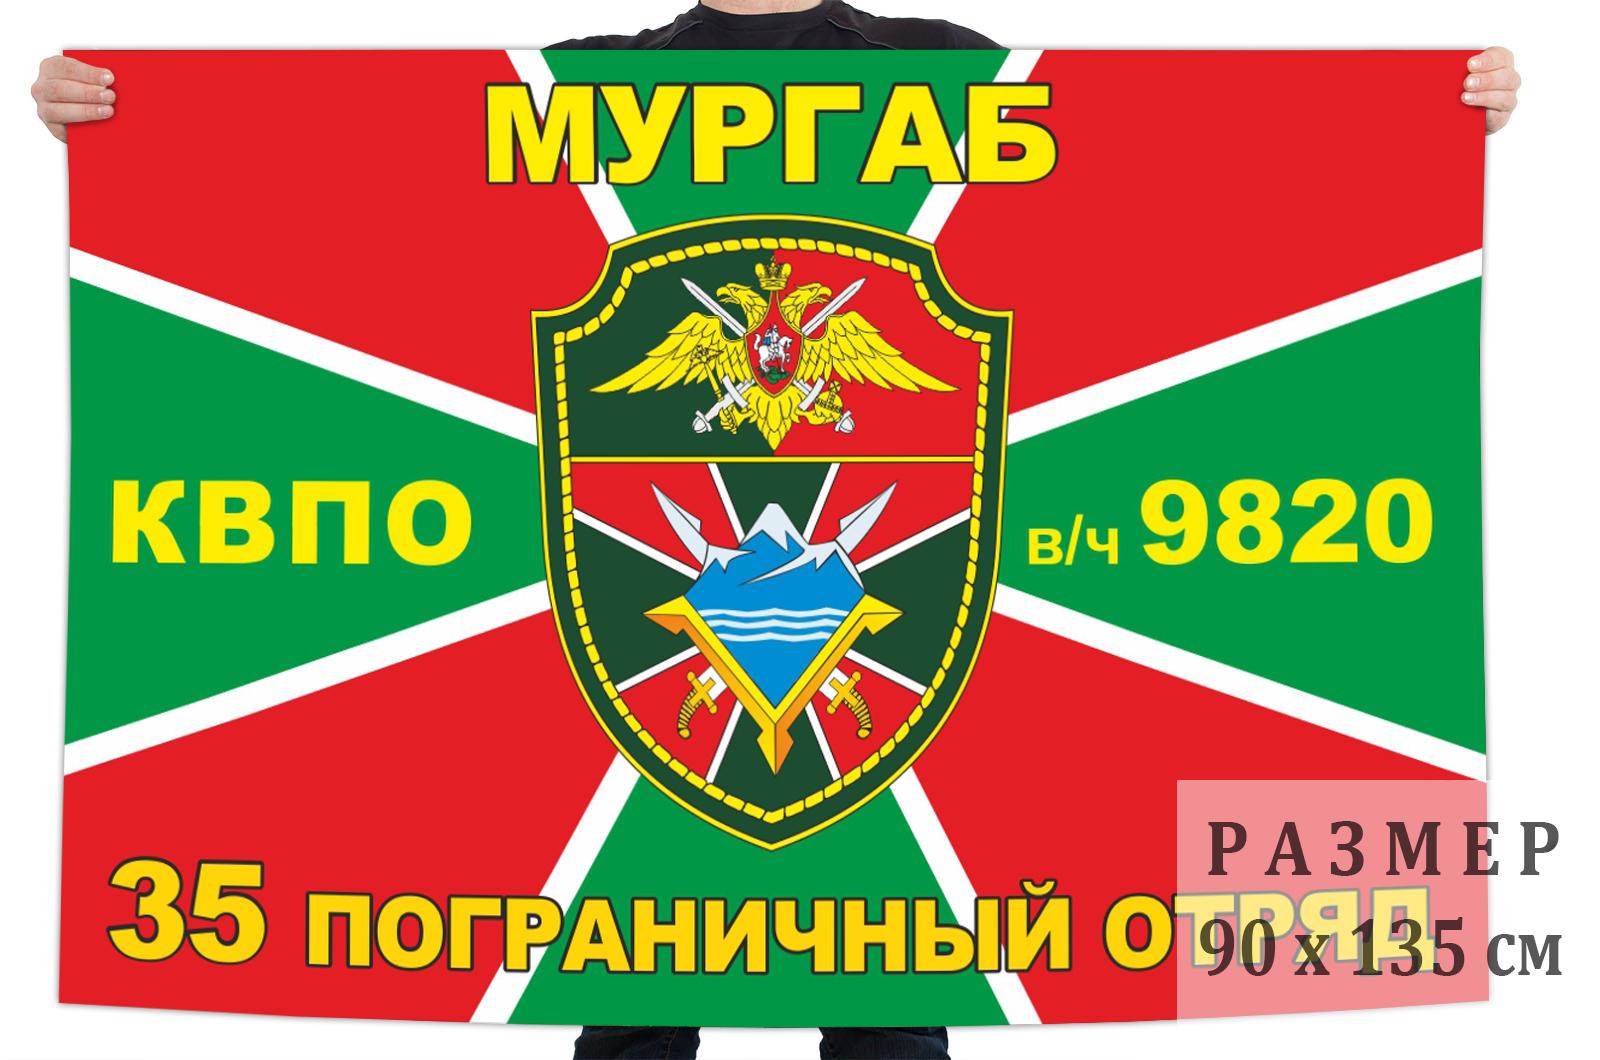 Флаг 35 пограничного отряда